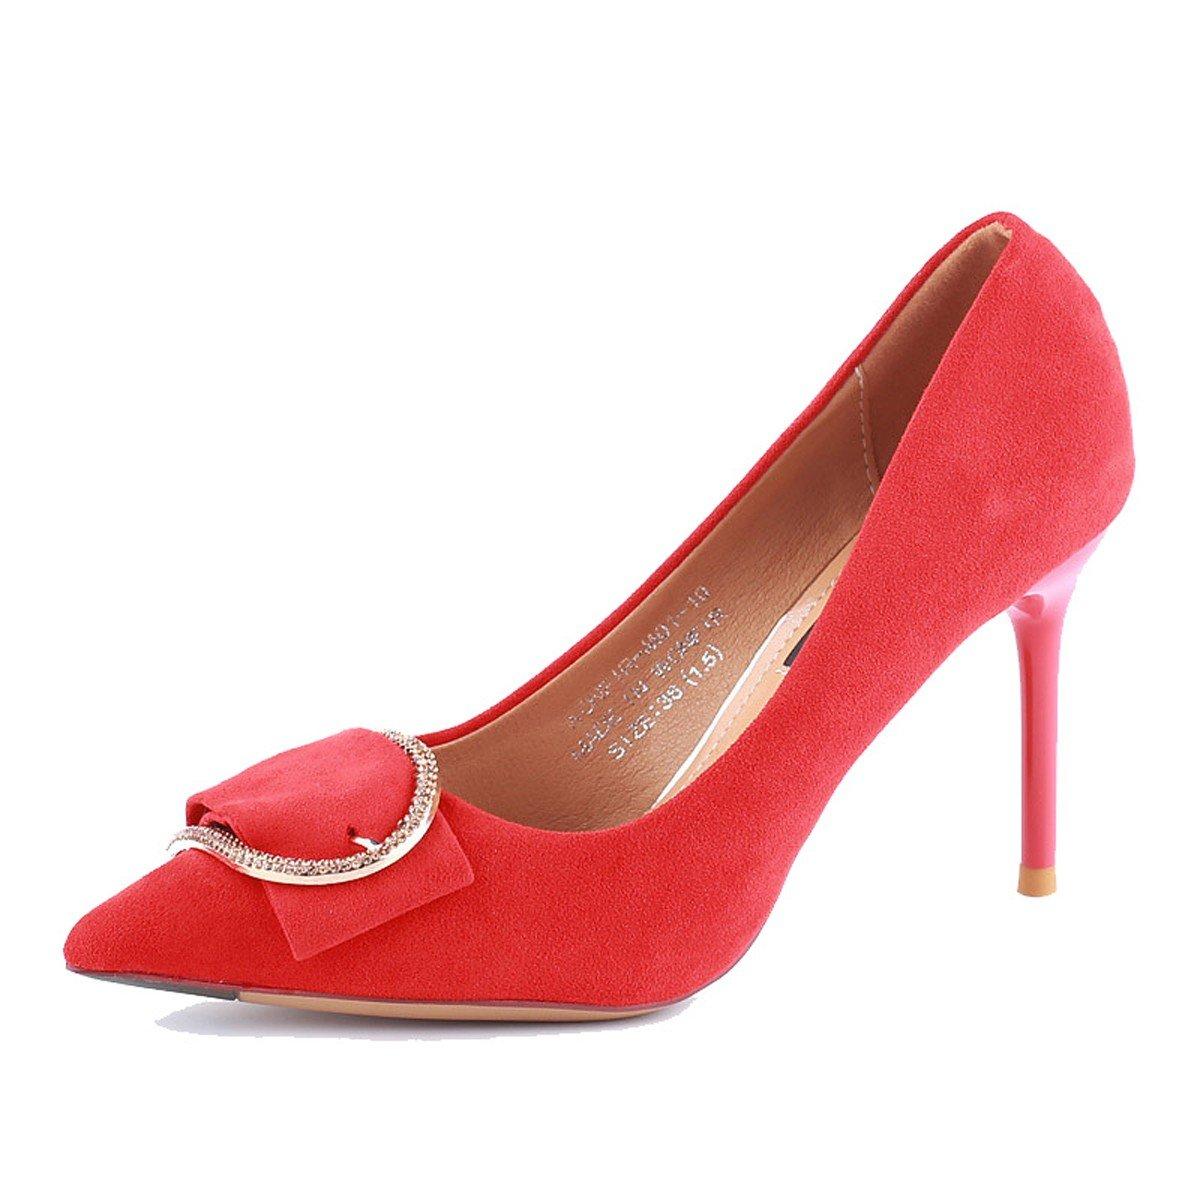 KPHY Zapatos de Mujer/Otoño Puntiagudas 9 Cm Zapatos De Tacon Alto Delgado Y Superficial De Boca Solo Maquina Perforadora Sexy Corbata .Treinta Y Seis De Gules Thirty-six|gules